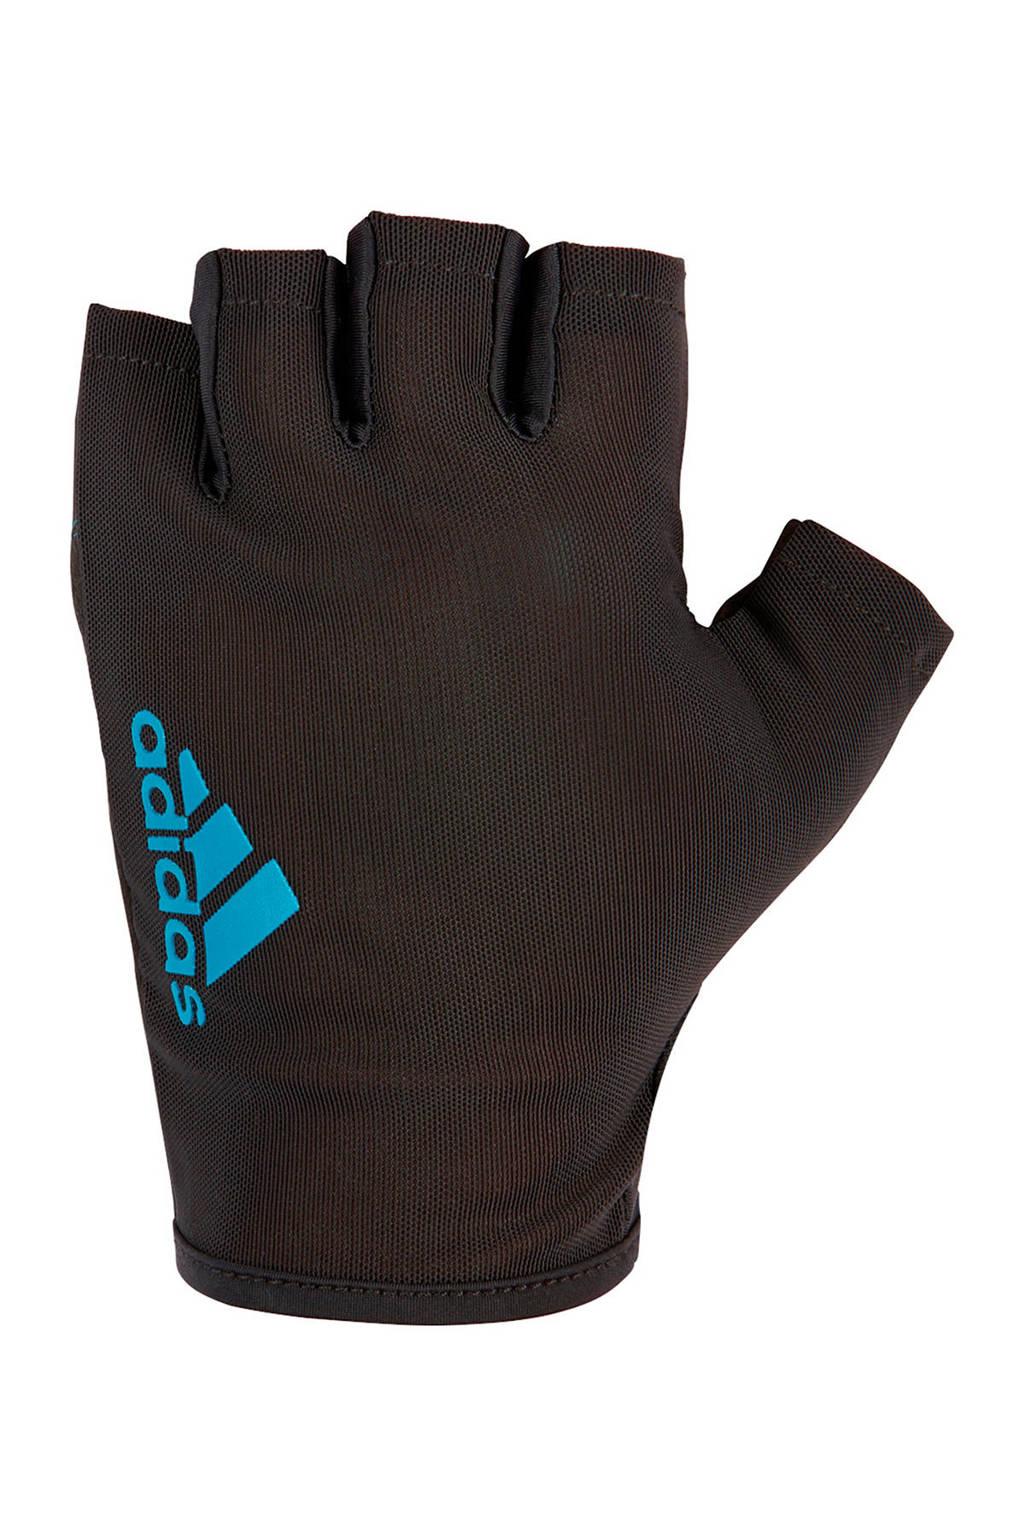 adidas  fitnesshandschoenen Essential - maat XL, Maat XL